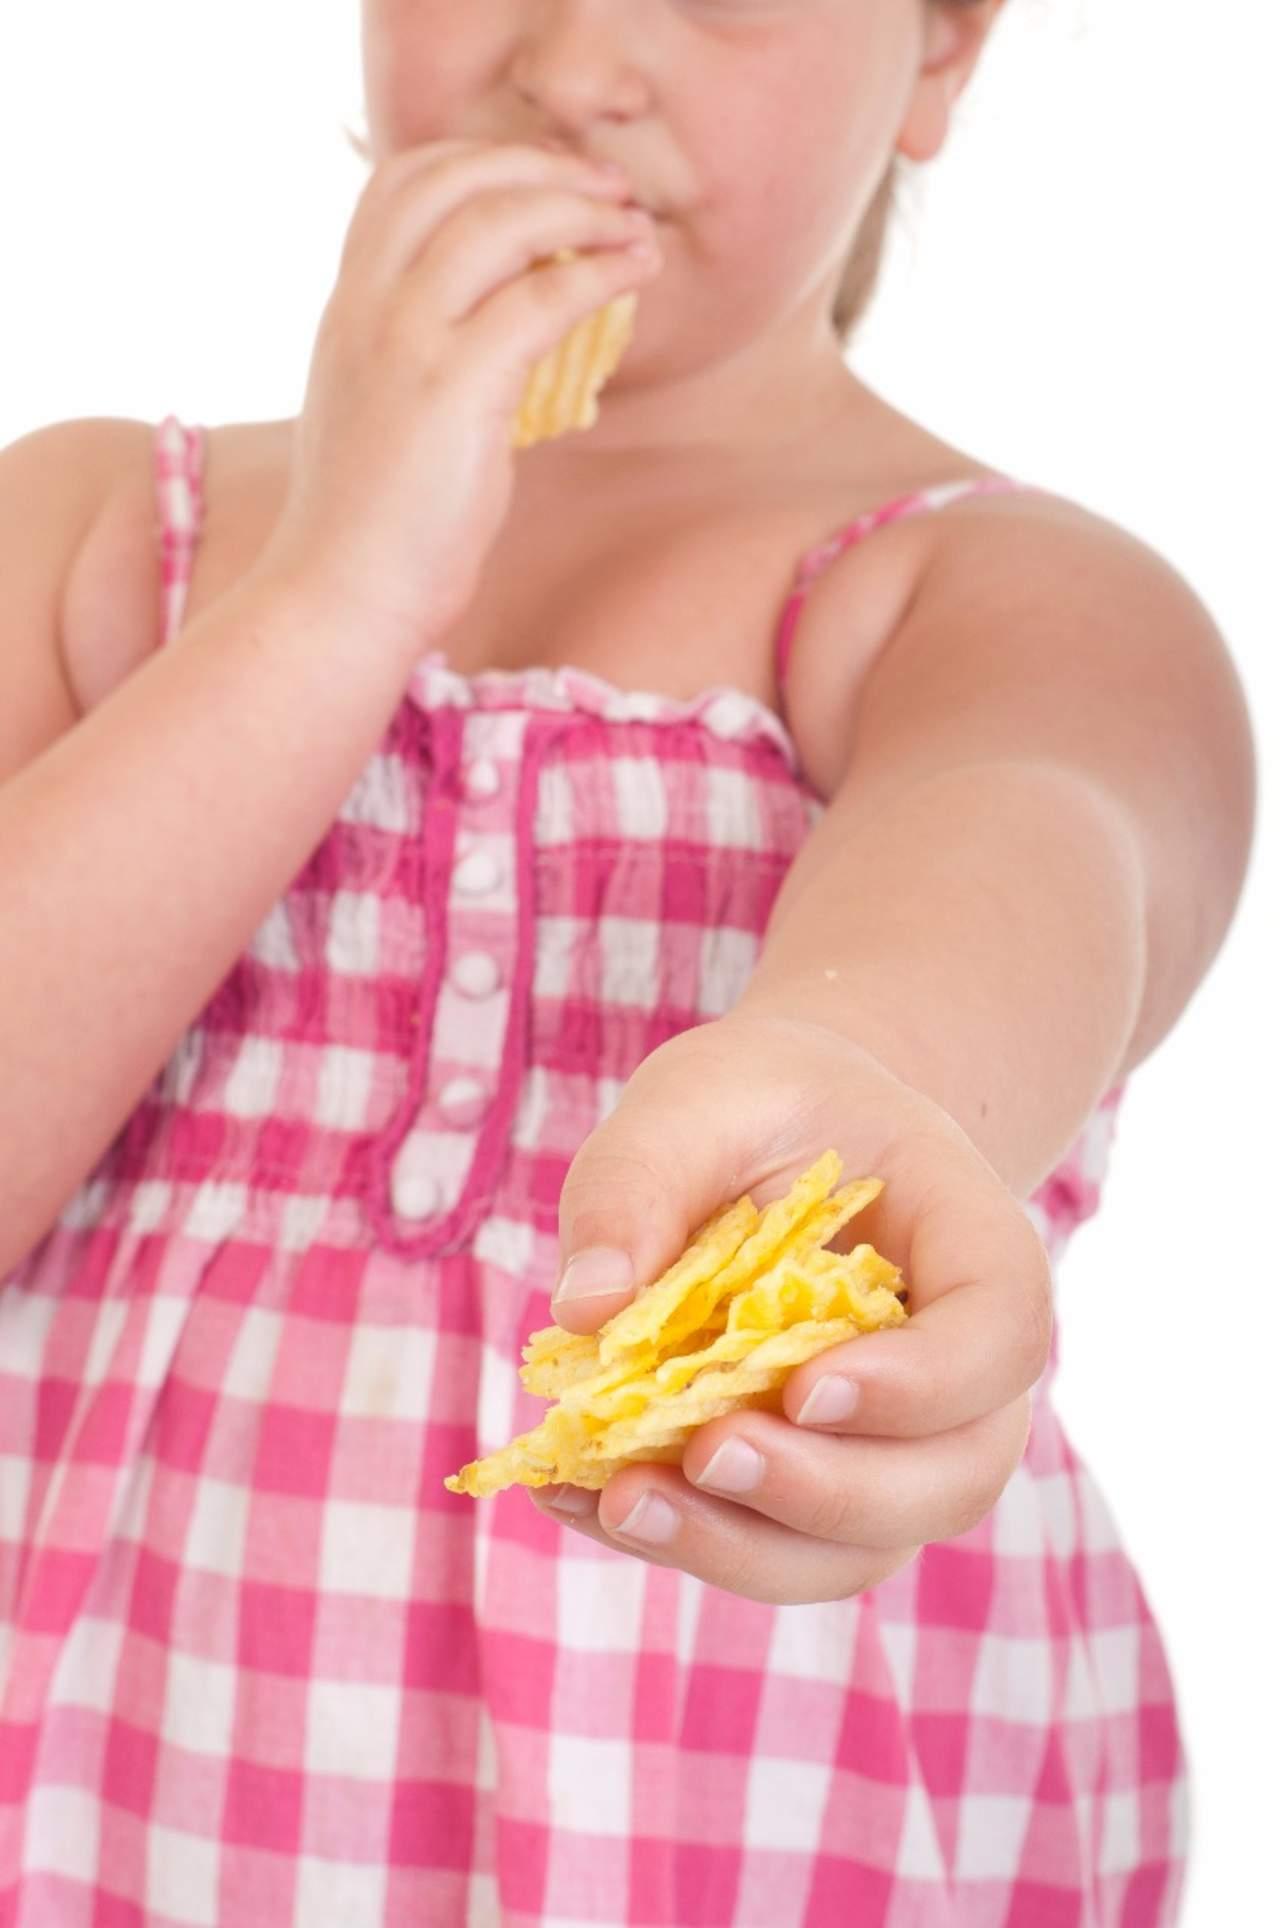 Hígado graso, cada vez más frecuente en menores de 14 años